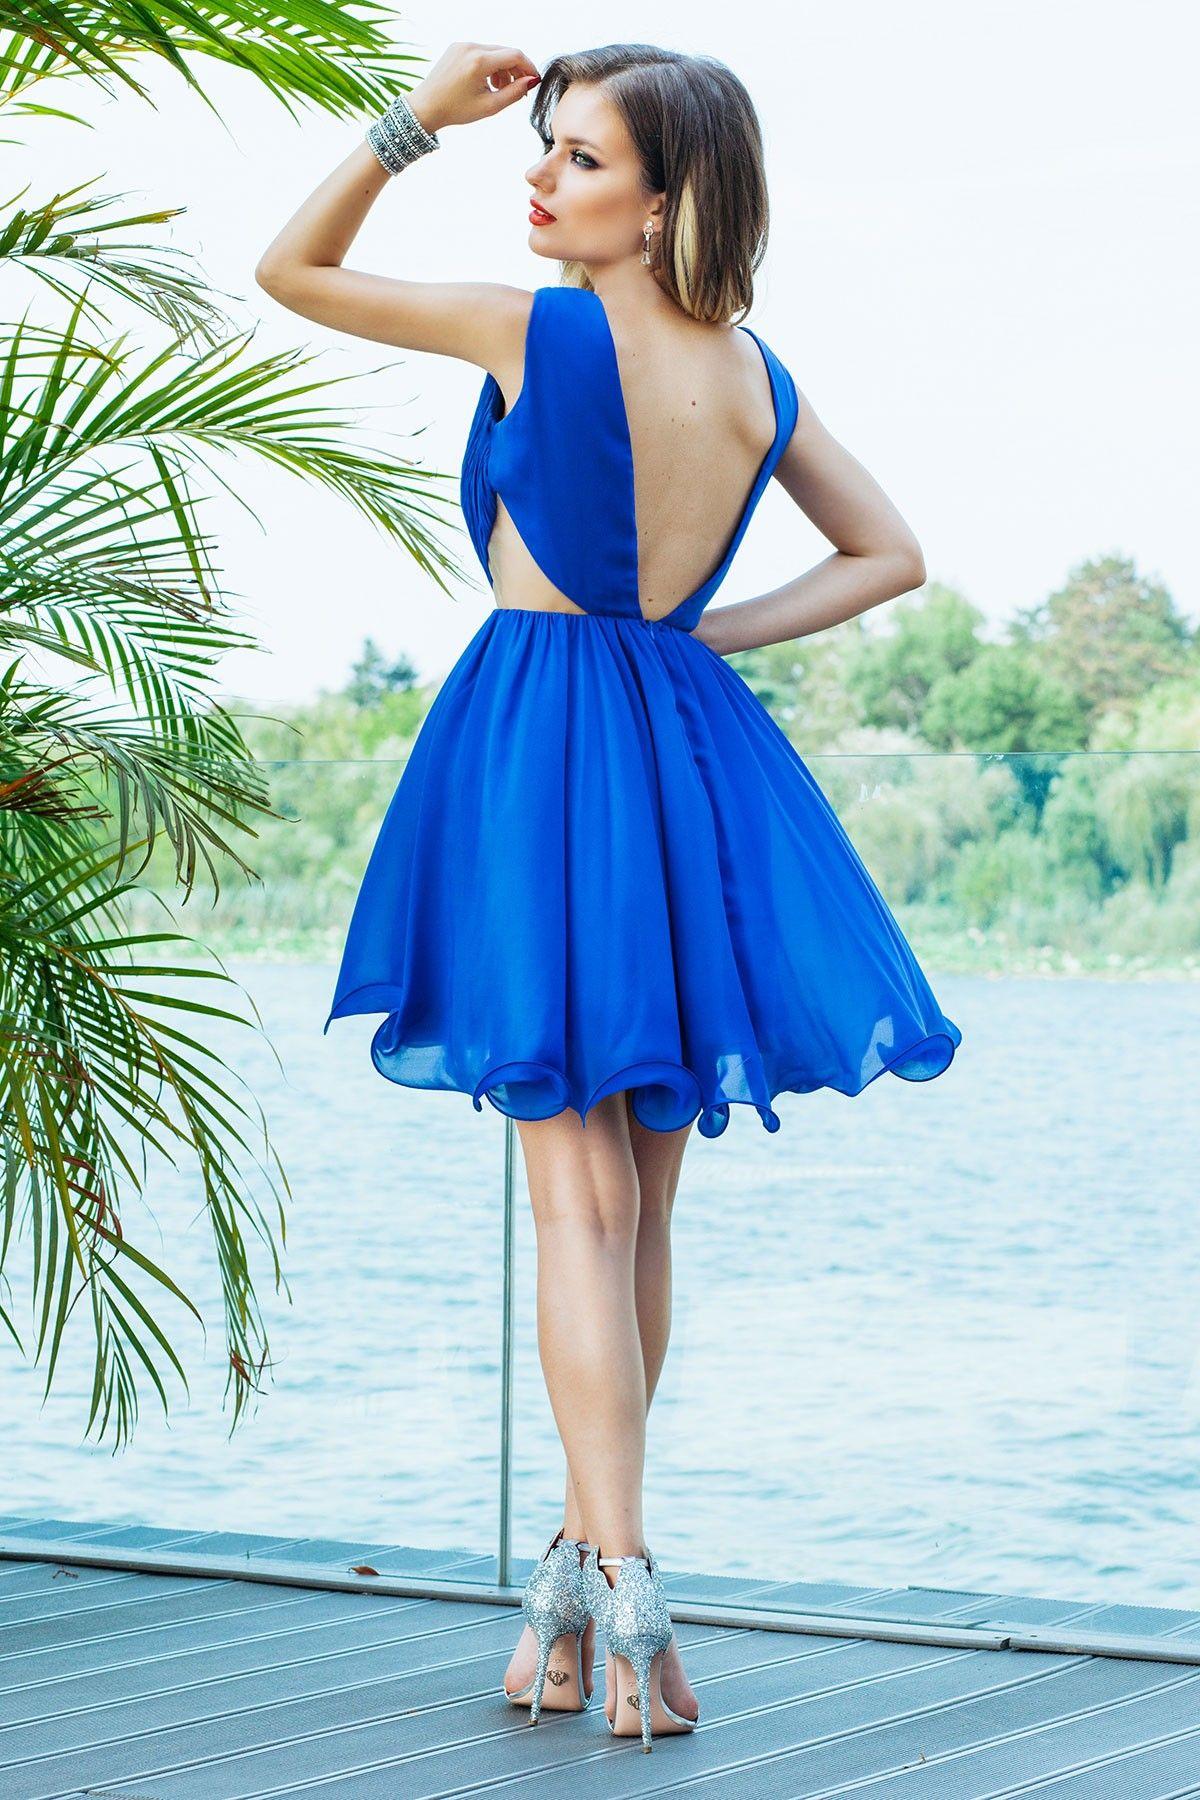 fabrică autentică sosește prețuri de vânzare cu amănuntul 7 modele de rochii scurte pentru banchet | Rochii, Modele și Ținute